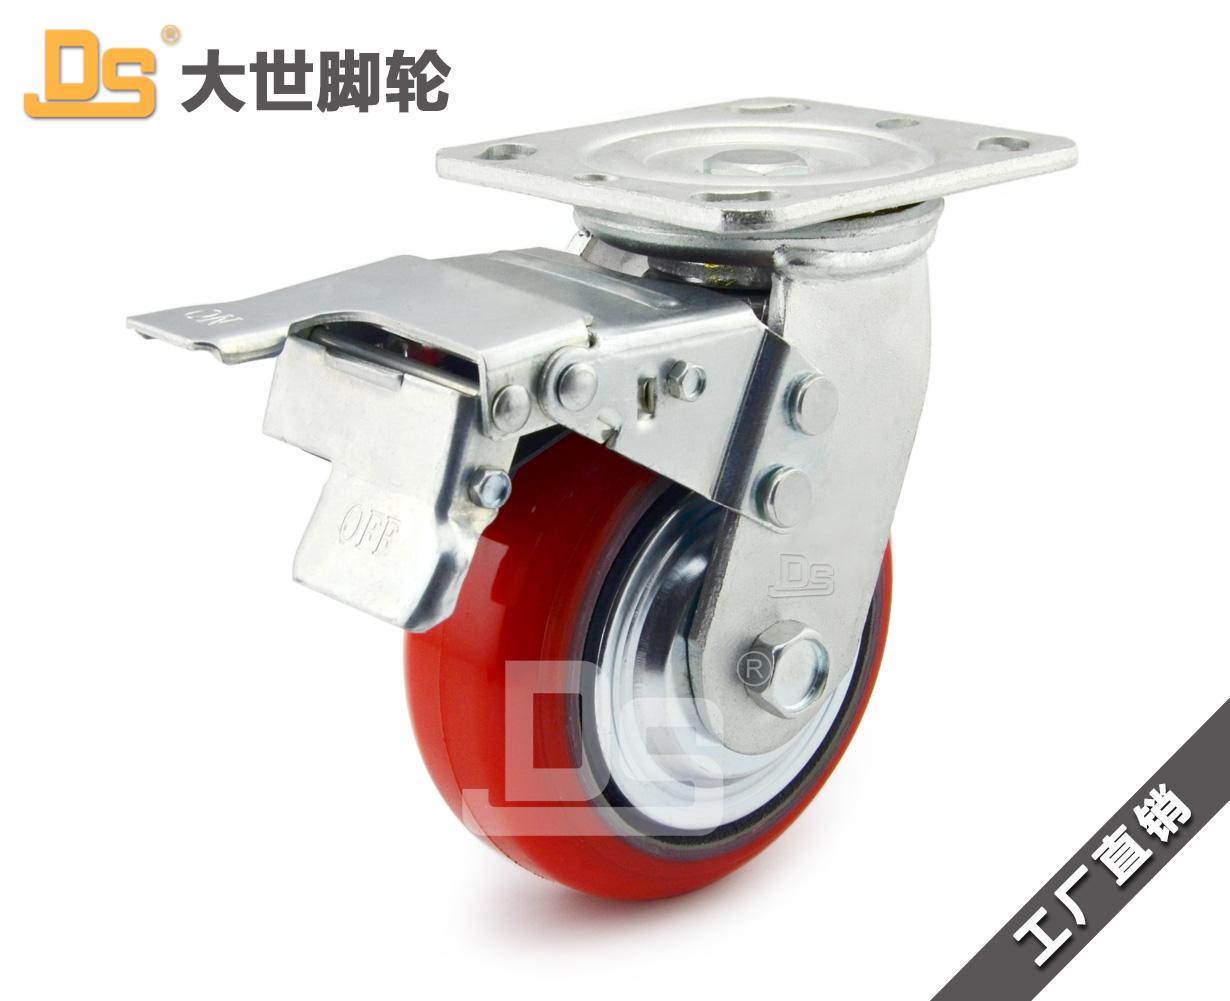 铁芯聚氨酯脚轮-铁芯聚氨酯脚轮哪家好-铁芯聚氨酯脚轮厂家